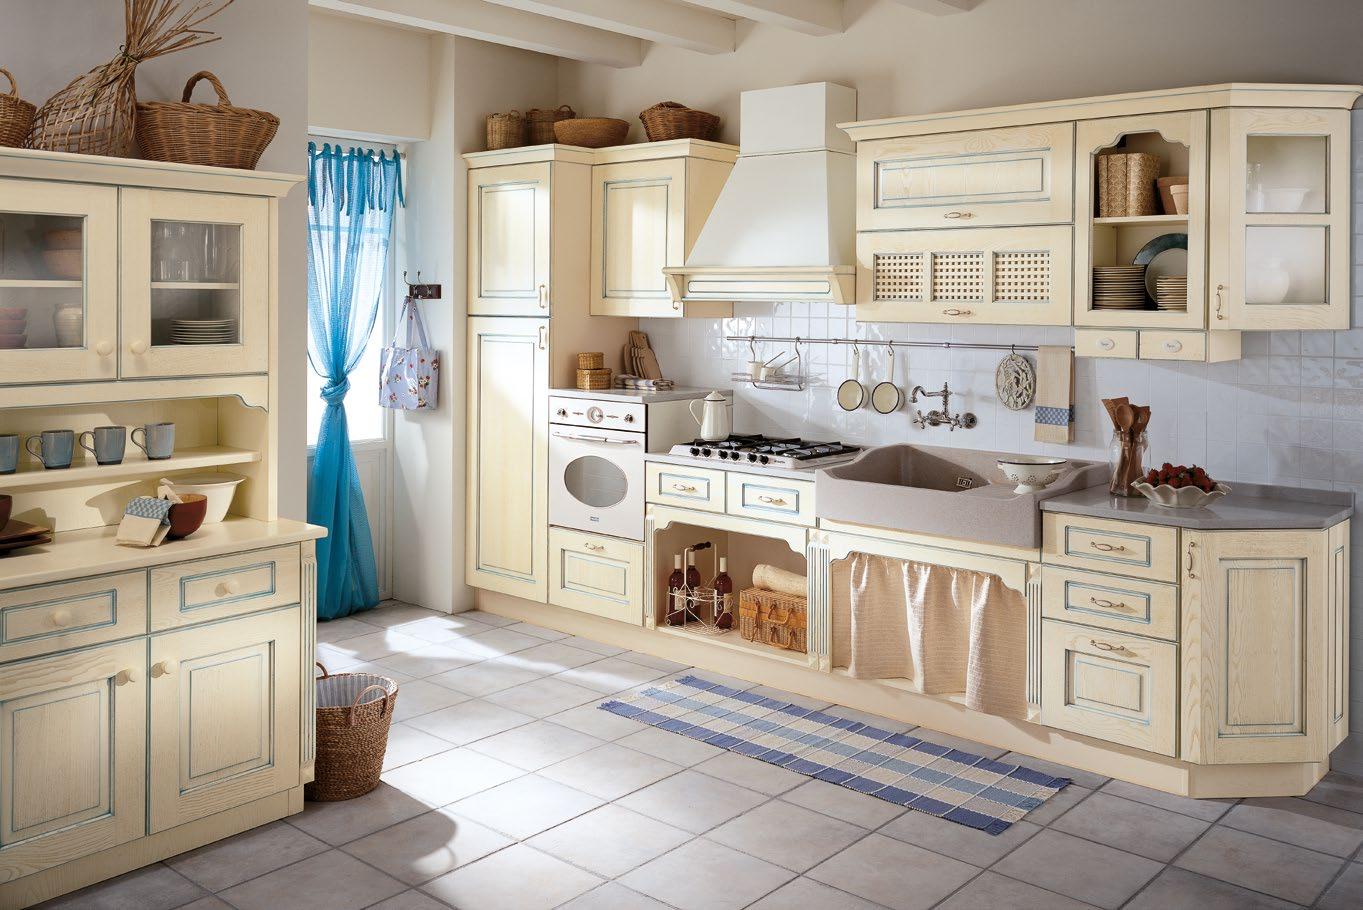 Κουζίνα με πάγκο πλακάκια Valentina Μασίφ κουζίνα μπεζ με μπλε πατίνα